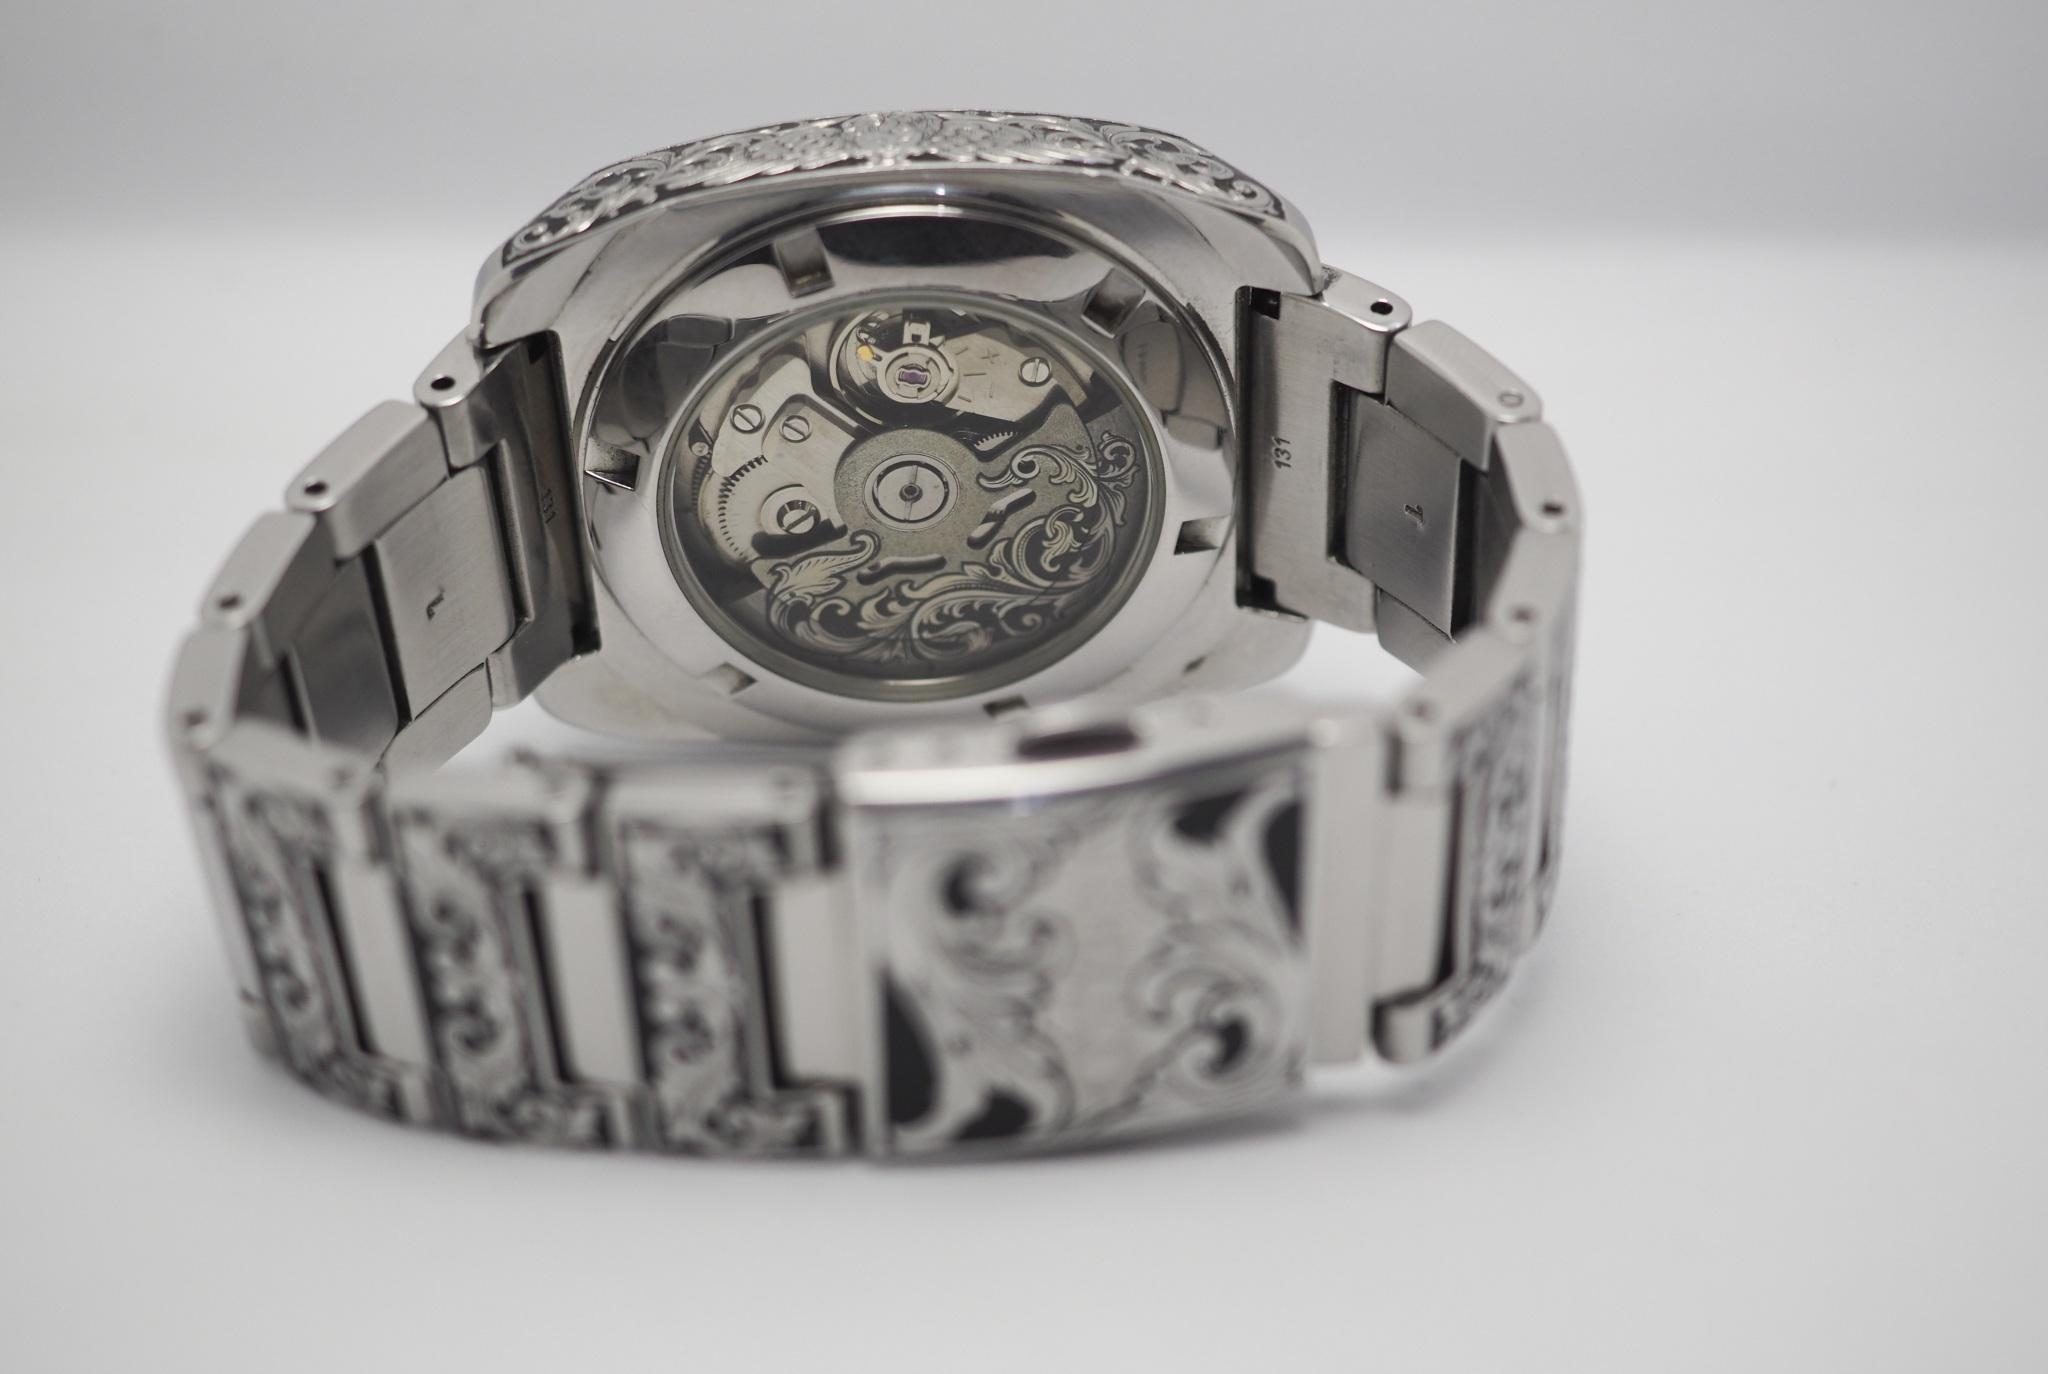 Độc đáo nghề chạm khắc đồng hồ ở Hà Nội - 14